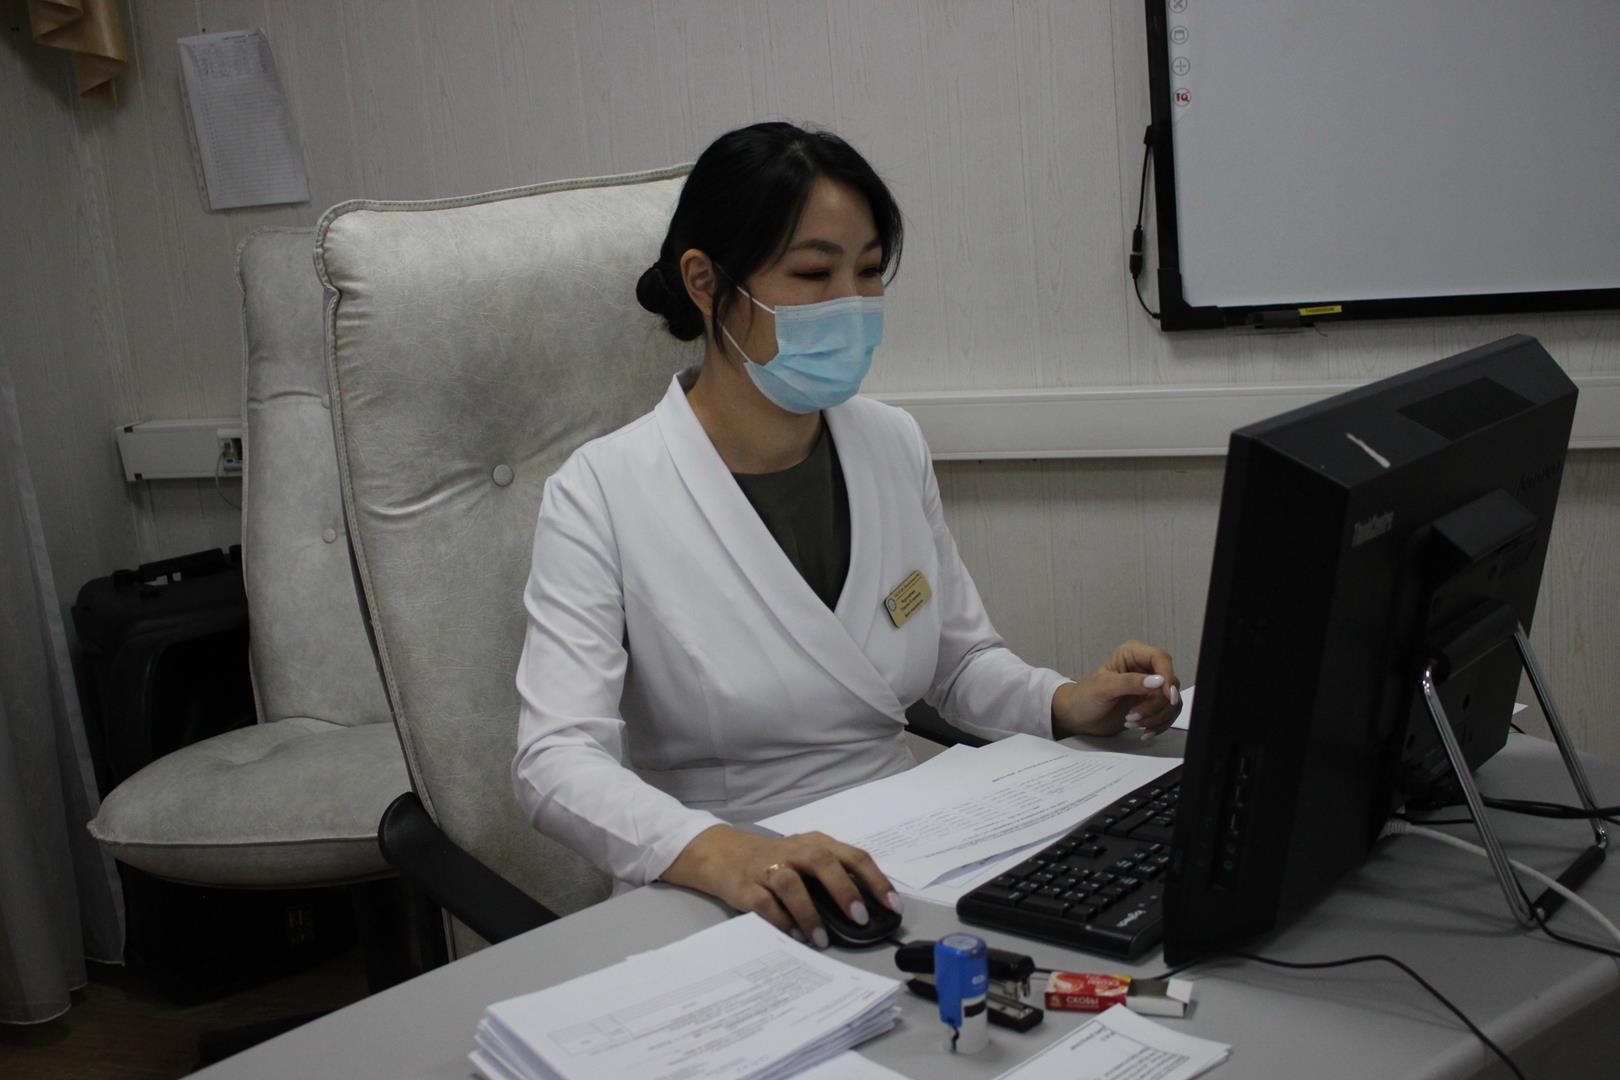 От звонка до укола. Все подробности получения вакцины от коронавируса в Якутске